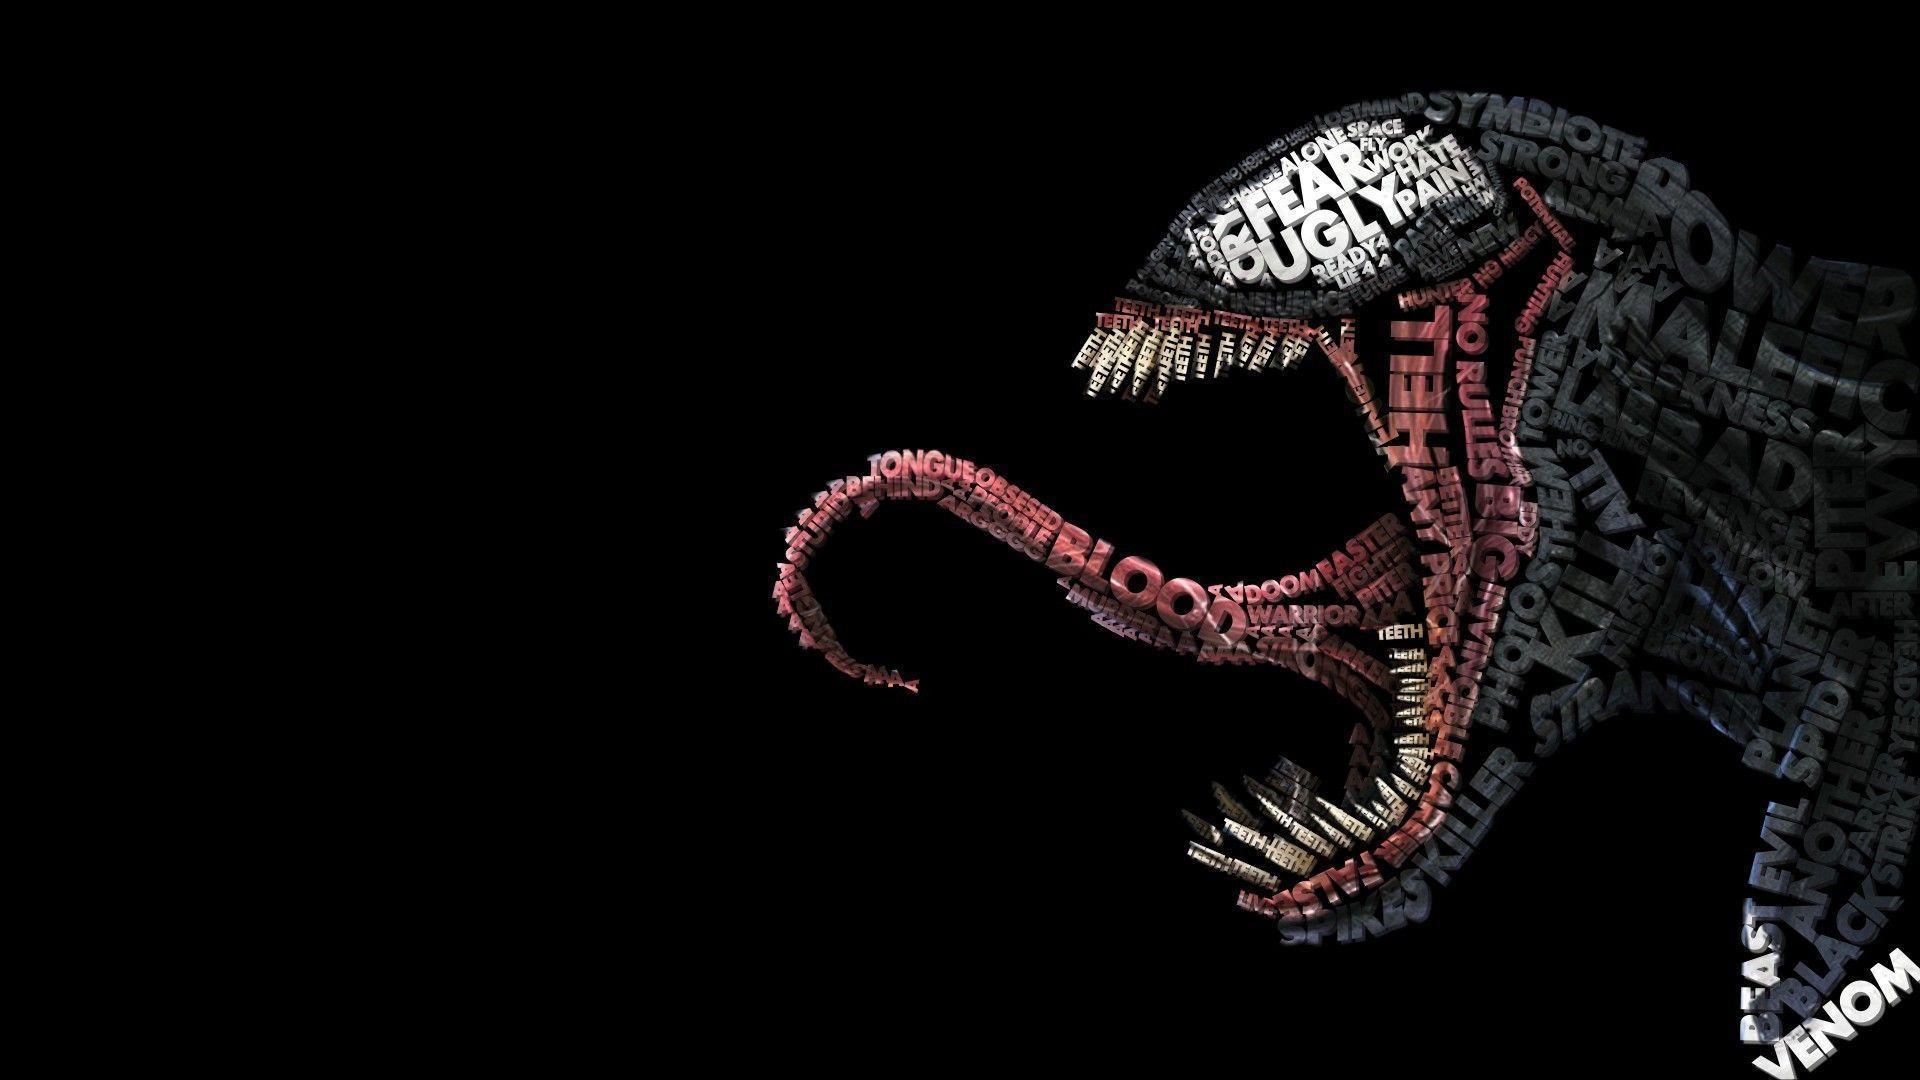 venom wallpaper hd 1920x1080 -#main